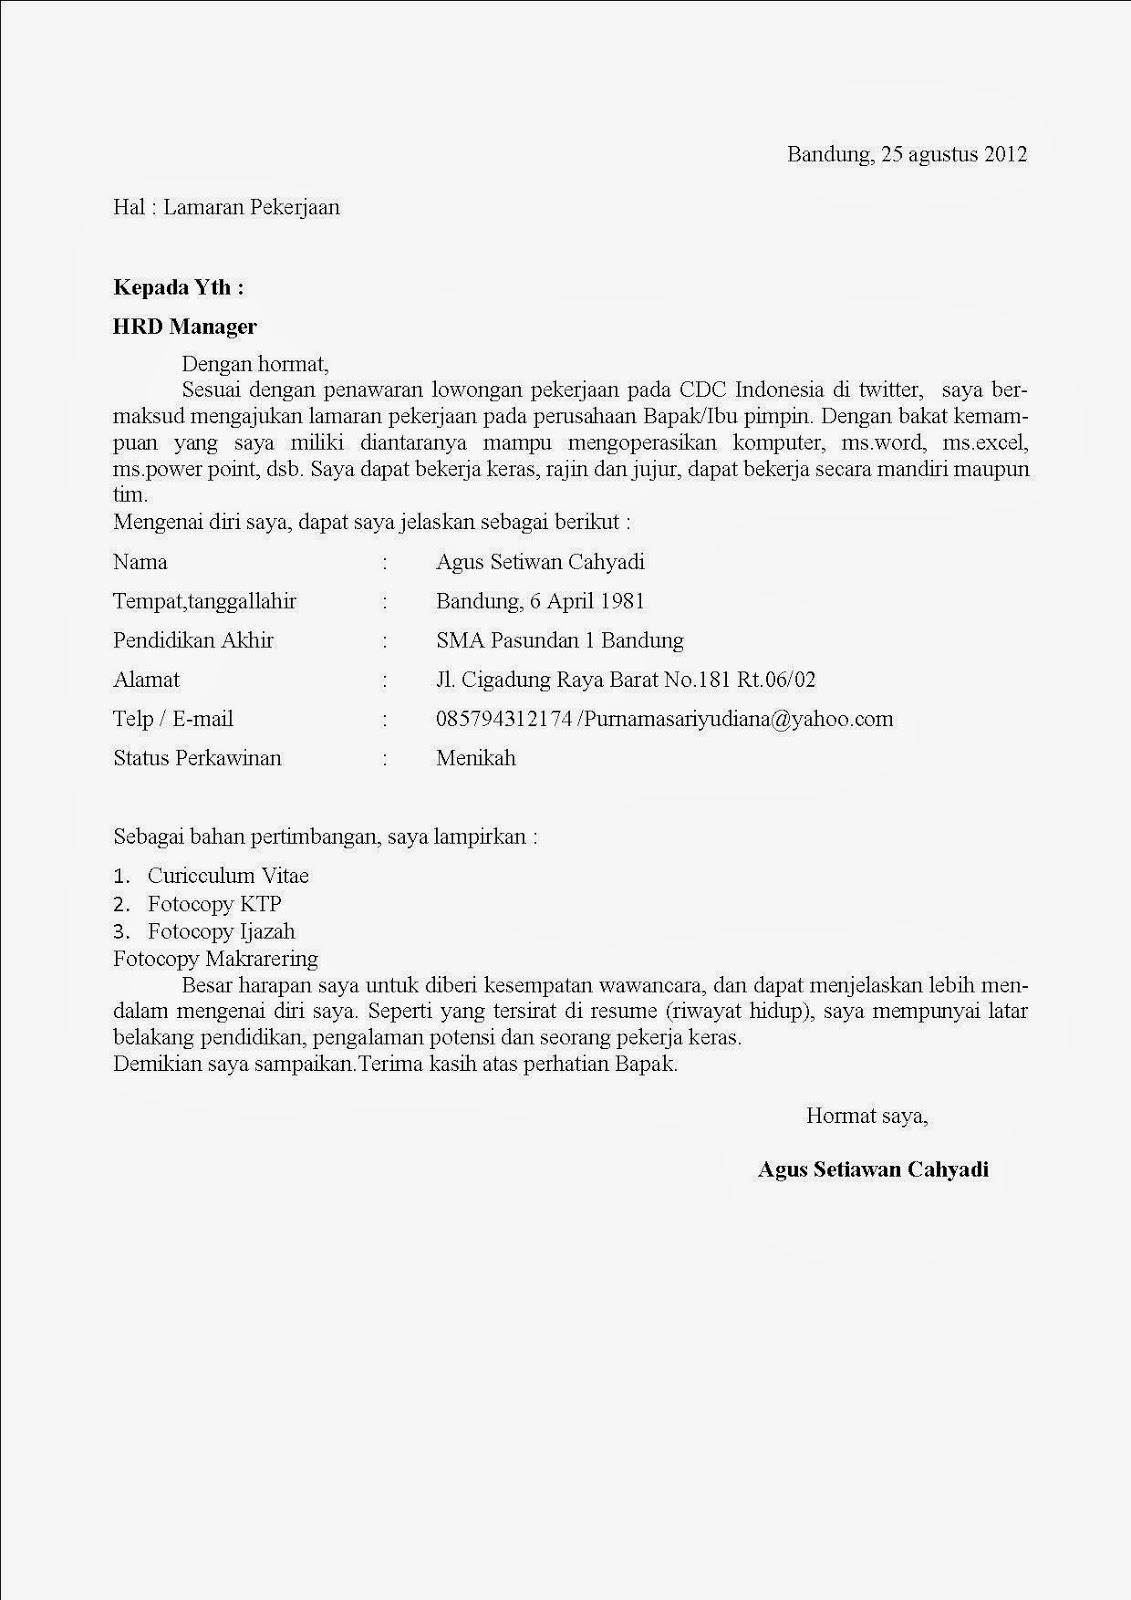 contoh%20curriculum%20vitae Application Letter Yang Mudah on com my johor, property malaysia, rumah sewa johor, resepi kek paling, jual motor malaysia, masakan indonesia, malaysia terpakai, car grand livina, contoh gambar batik, malaysia buy sell, kereta murah terpakai,